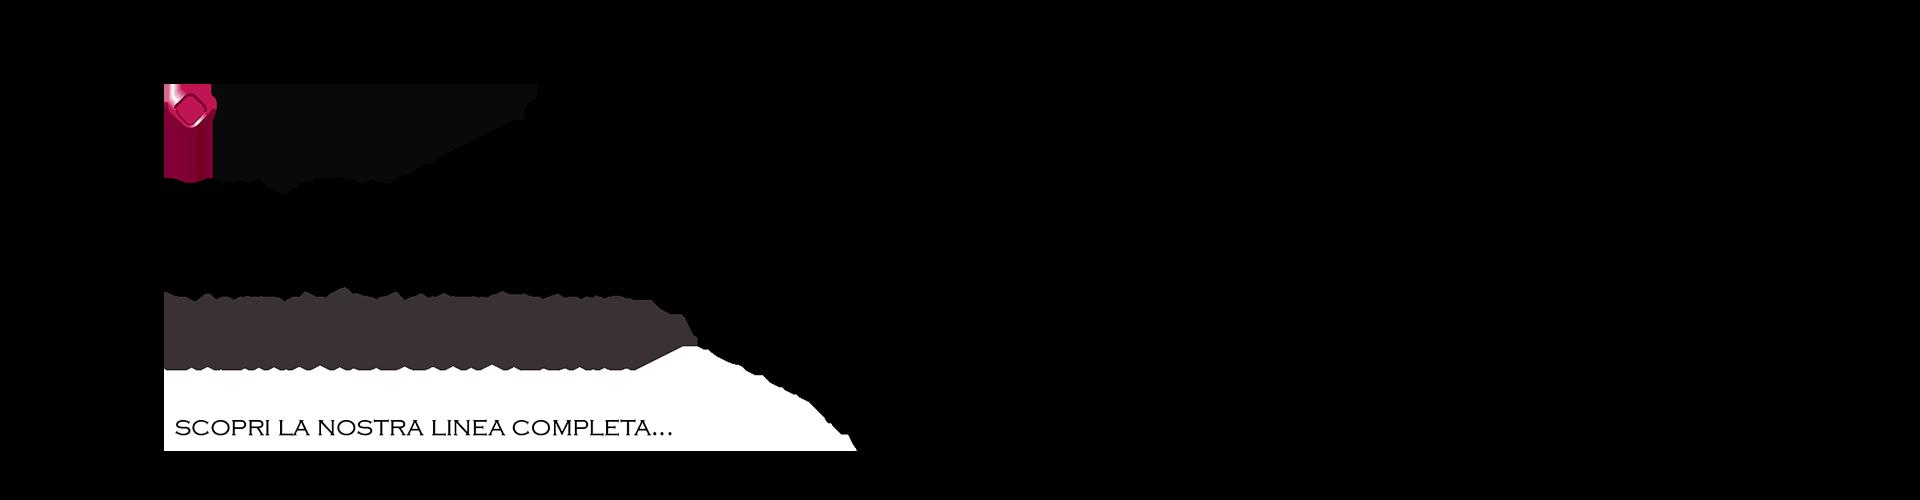 banner02_testo